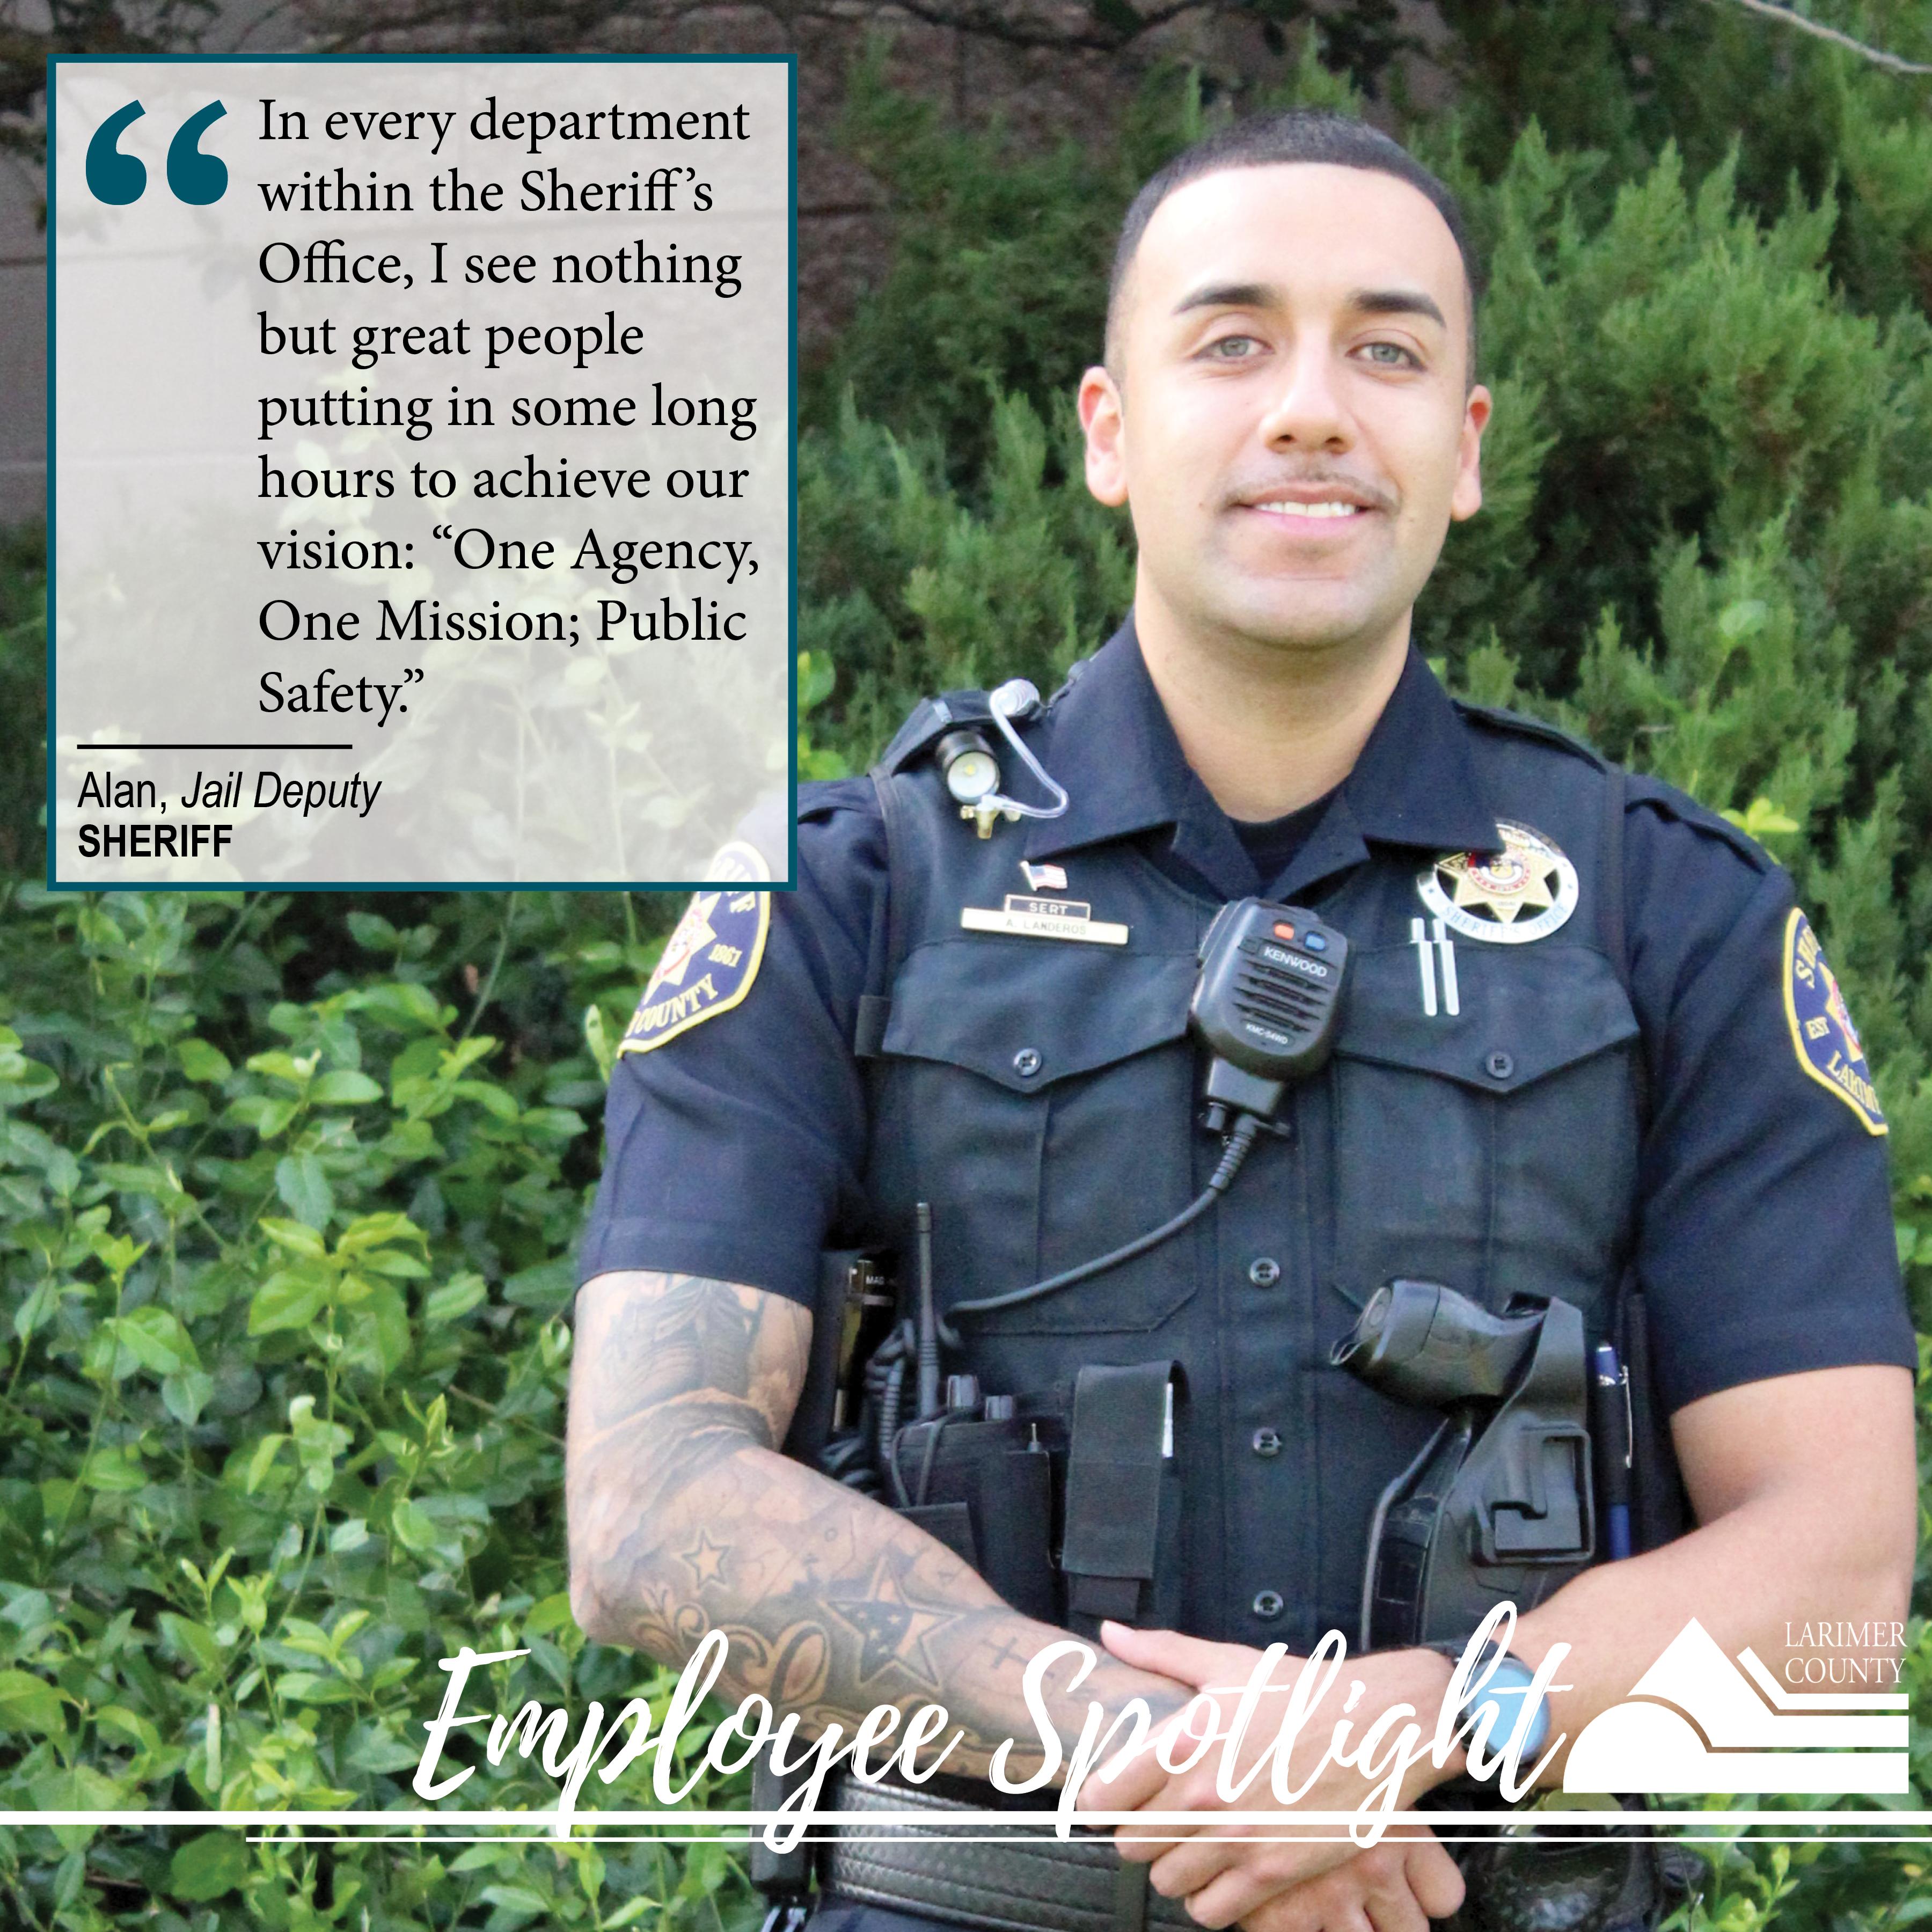 """Imagen 19: """"En todos los departamentos de la Oficina del Sheriff, no veo más que grandes personas que dedican largas horas a lograr nuestra visión:"""" Una agencia, una misión: seguridad pública """"."""